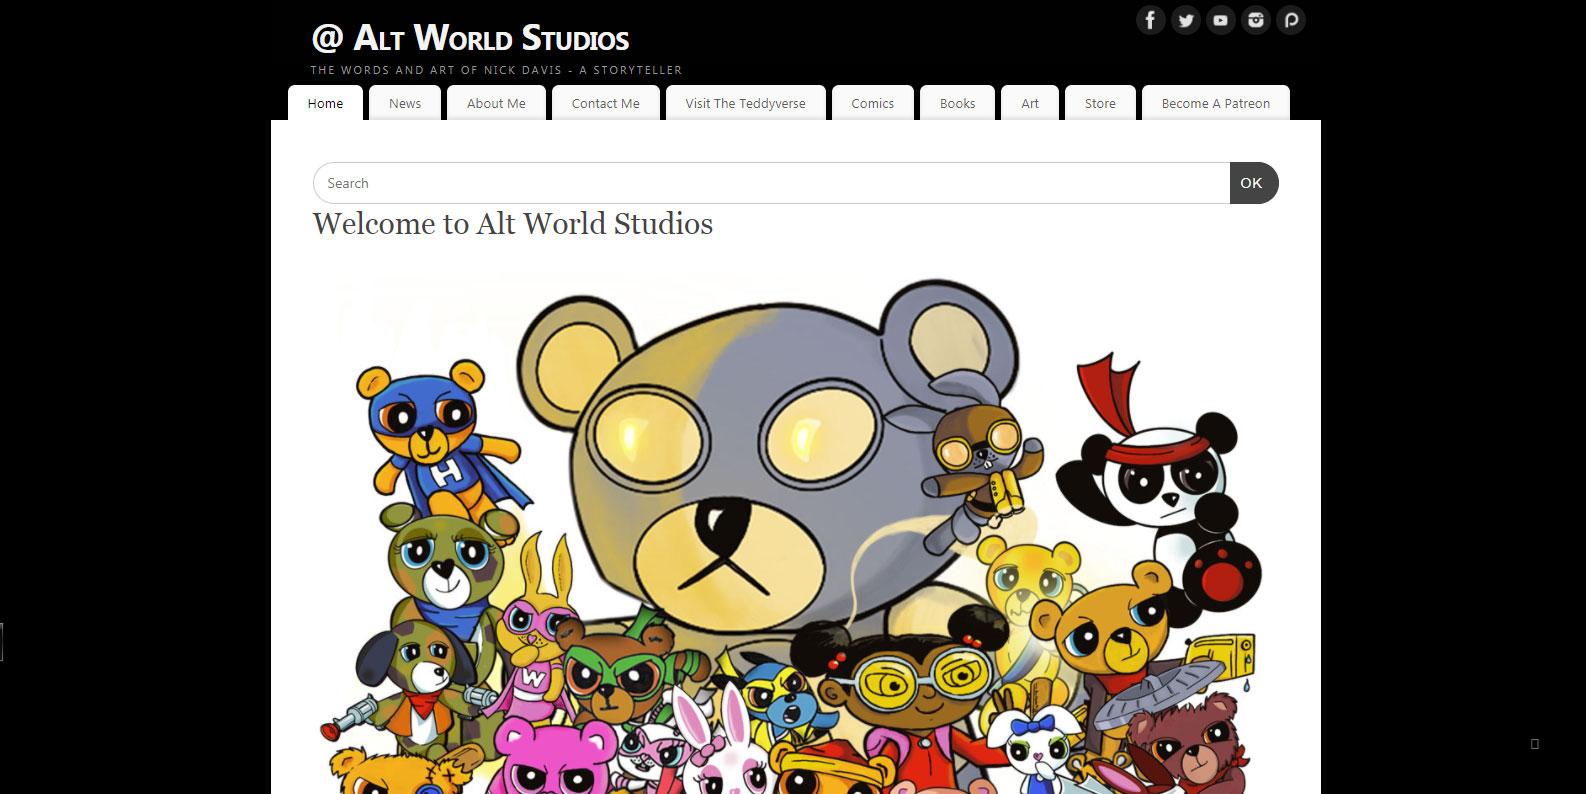 The Old Alt World Studios Website